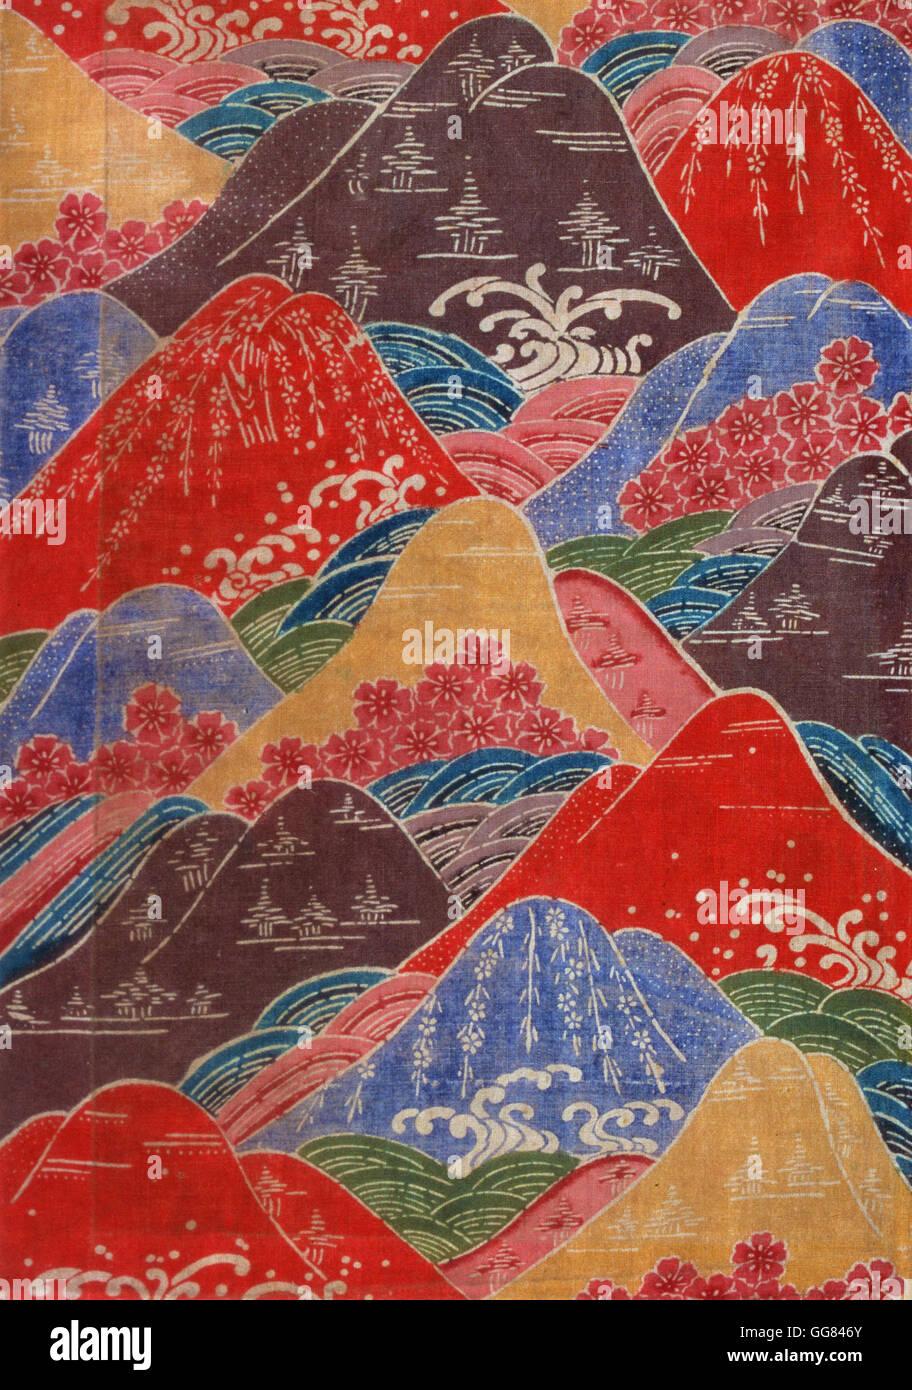 Bingata frammento tessile- fiori di ciliegio, onde, motivi di montagna Immagini Stock